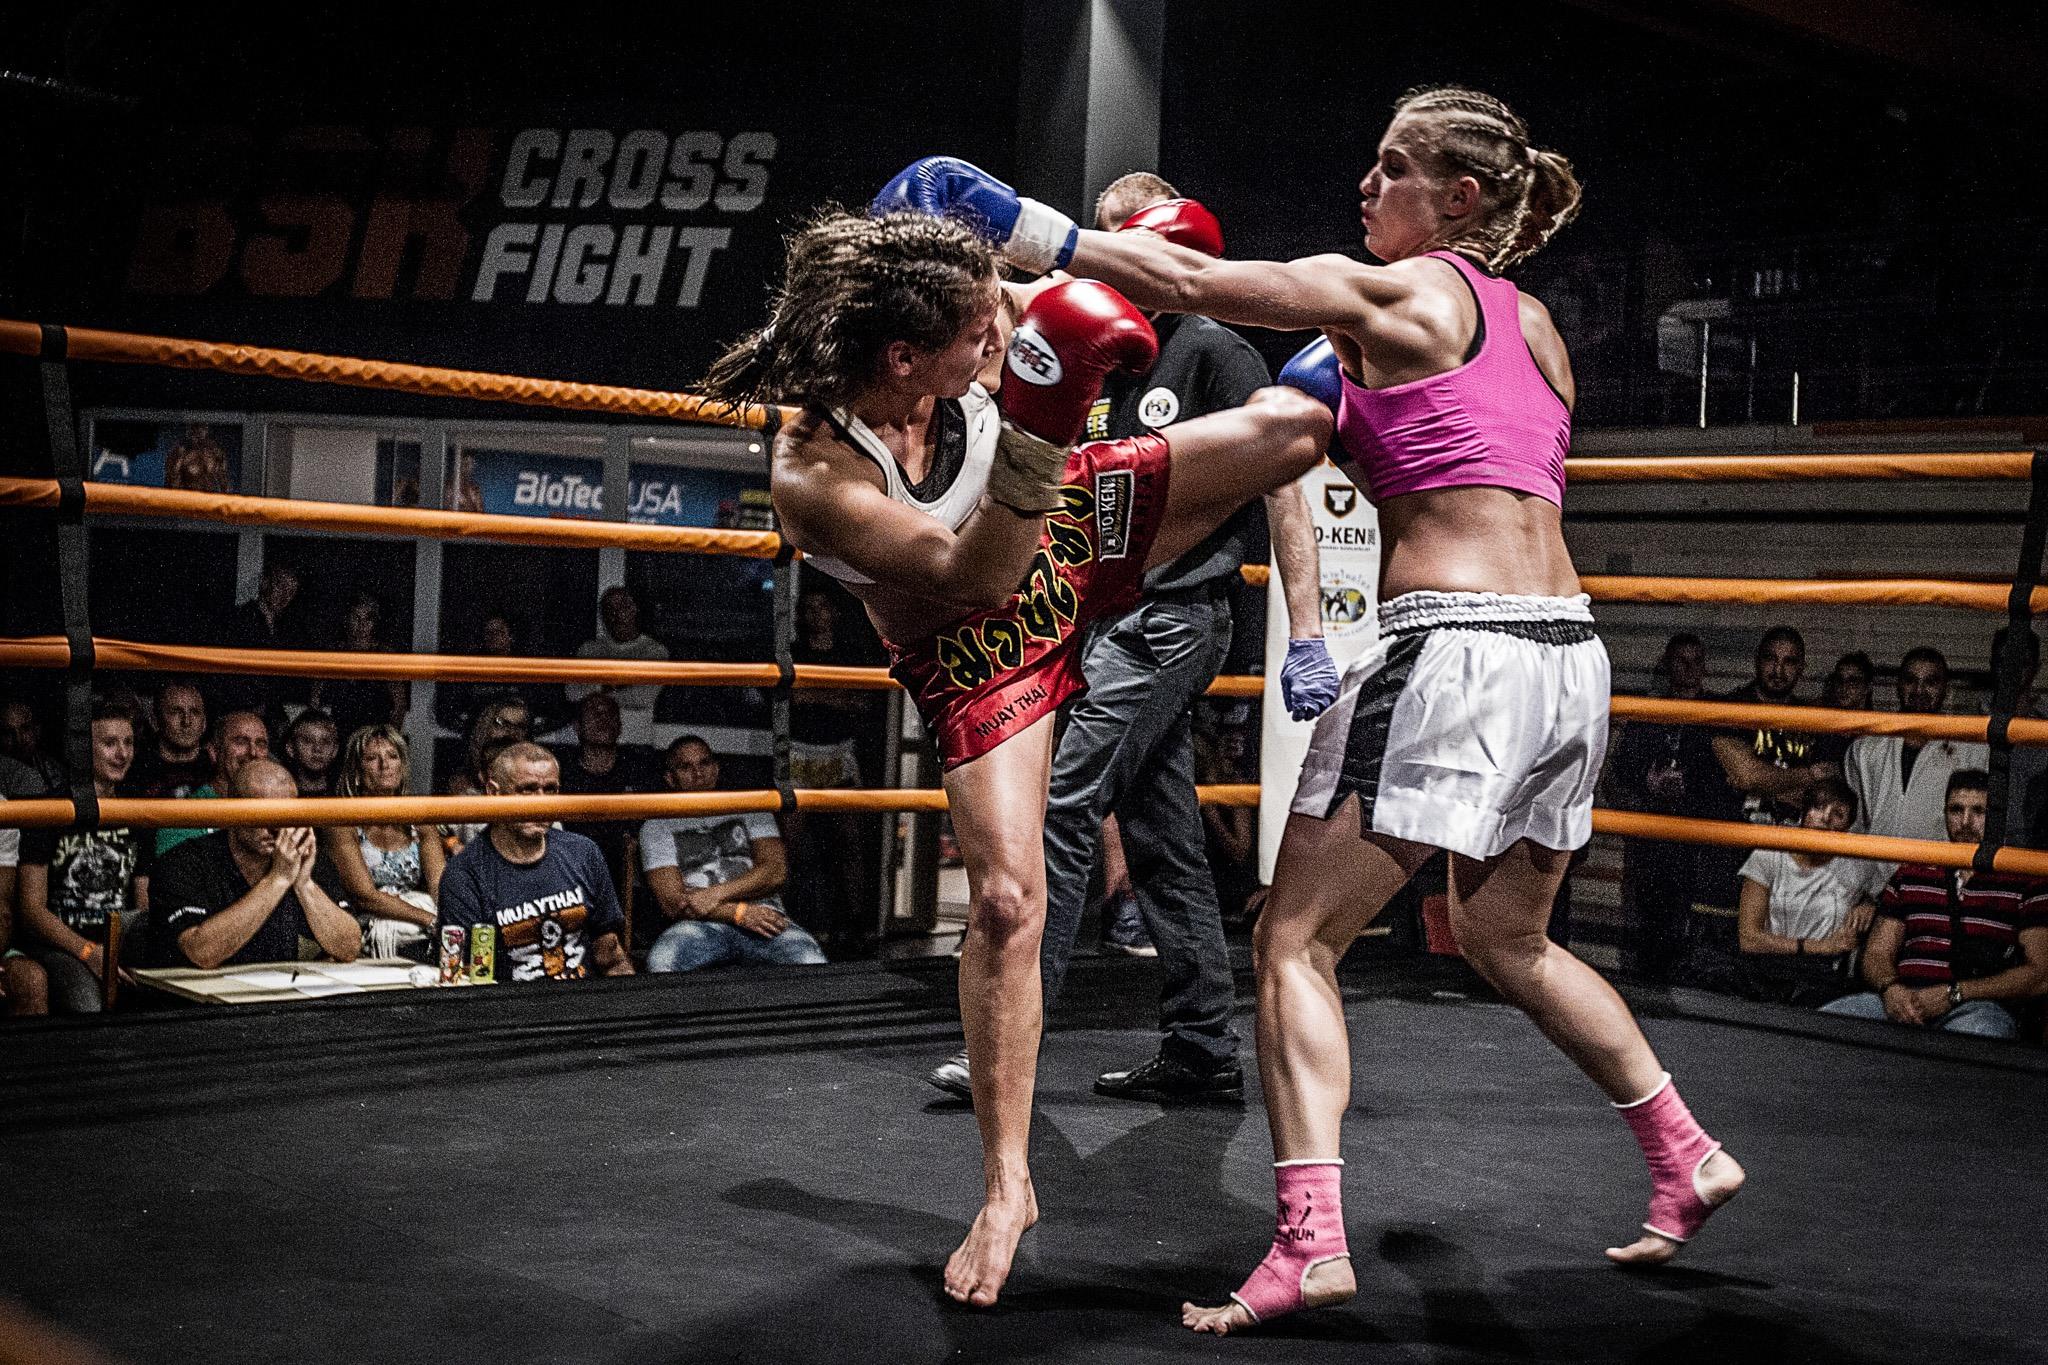 Dónde aprender Muay Thai en Barcelona - novedades, lugares